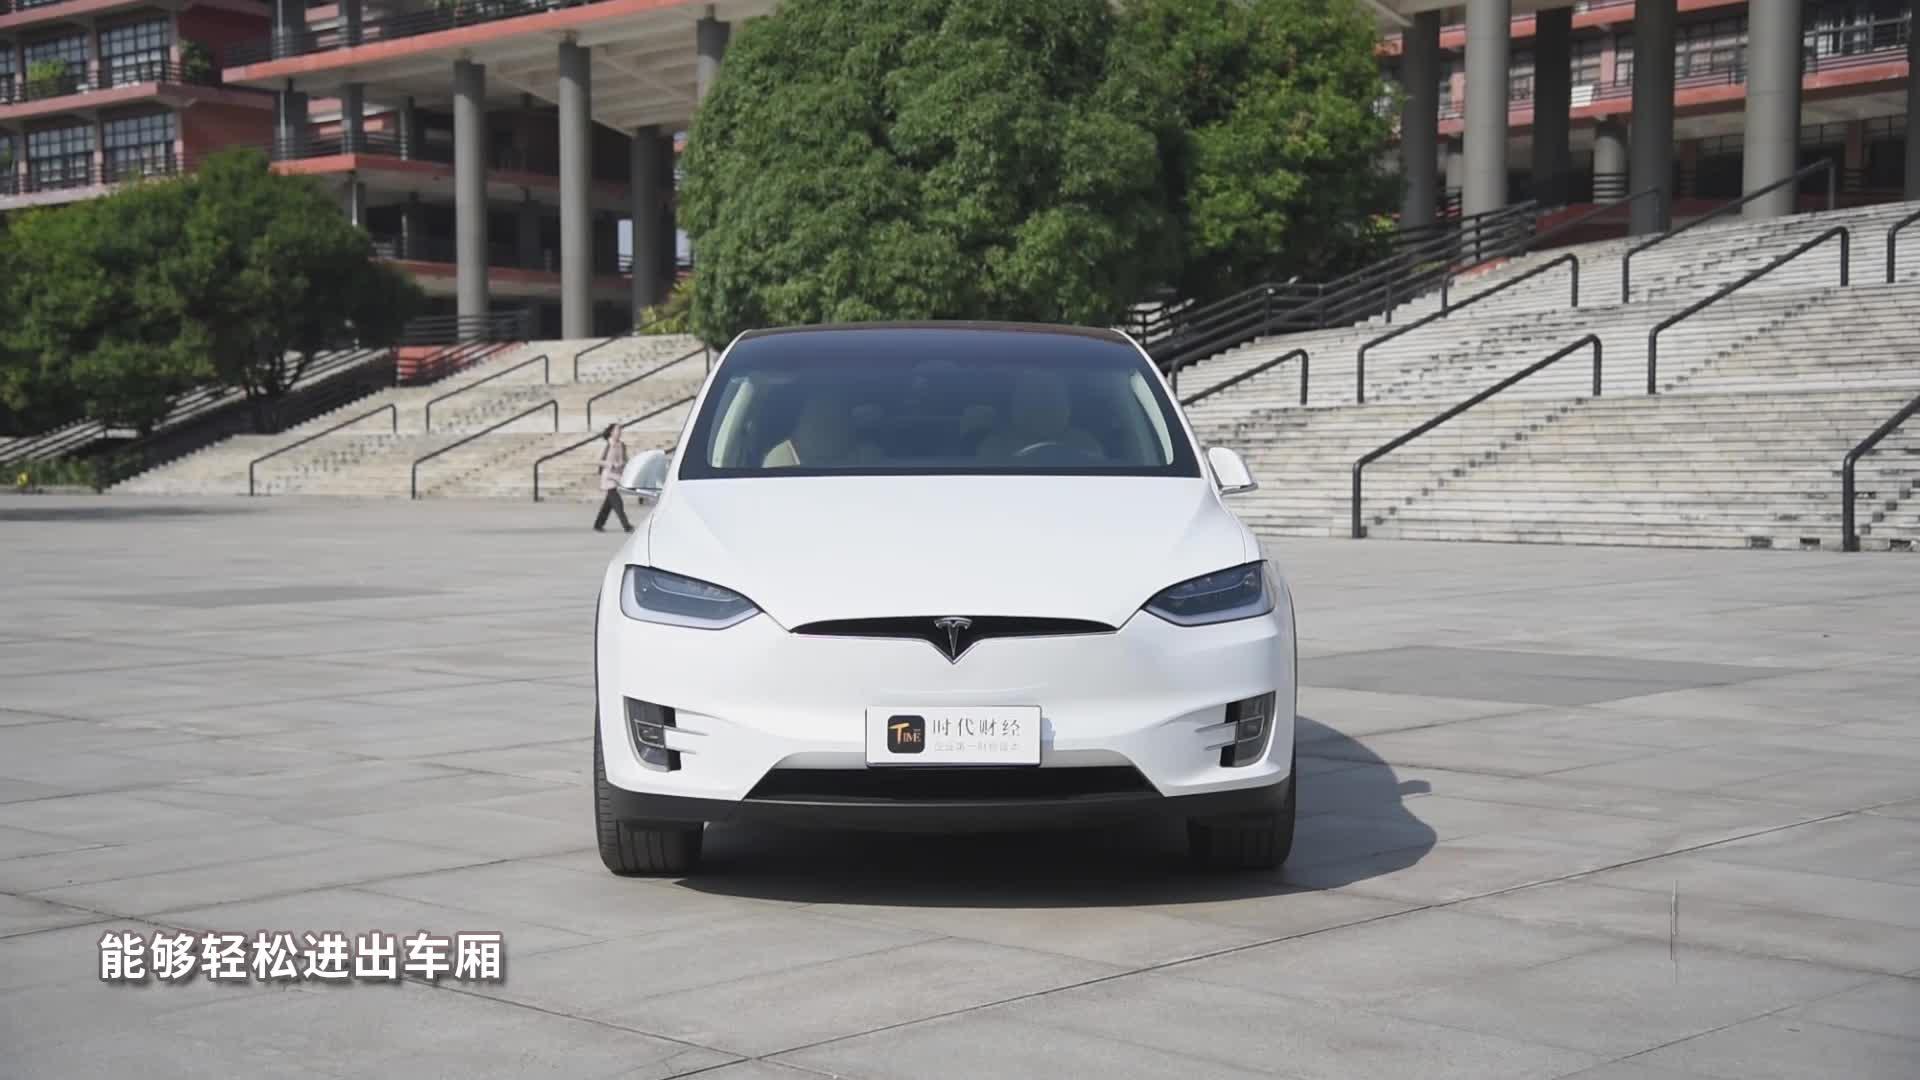 女司机说车 | 试驾特斯拉ModelX,会跳舞的新科技